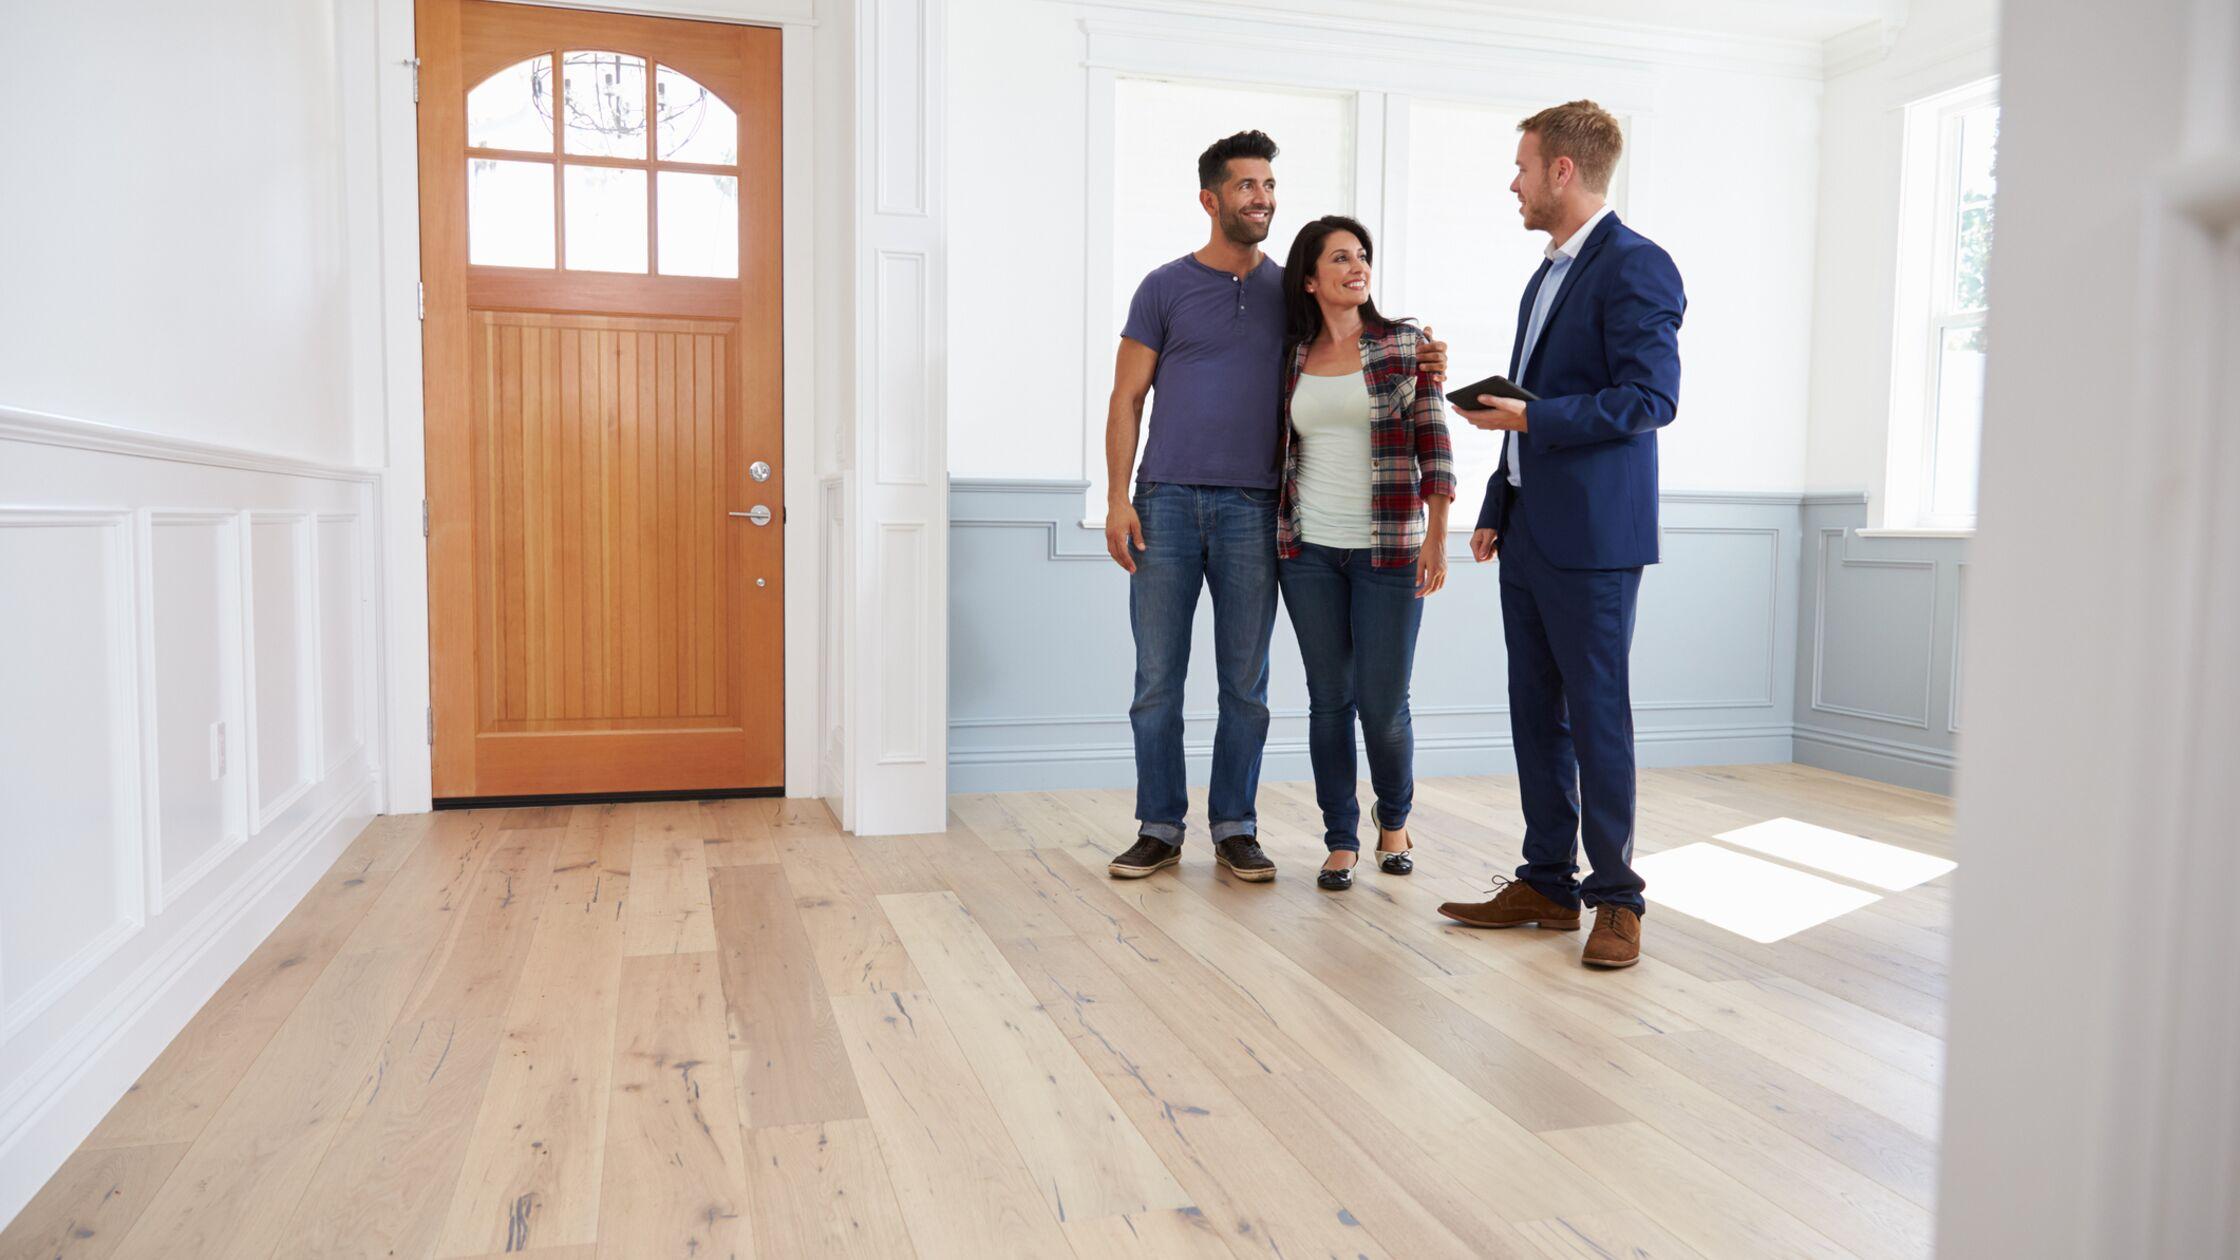 Drei Personen im Gespräch in einer leeren Wohnung